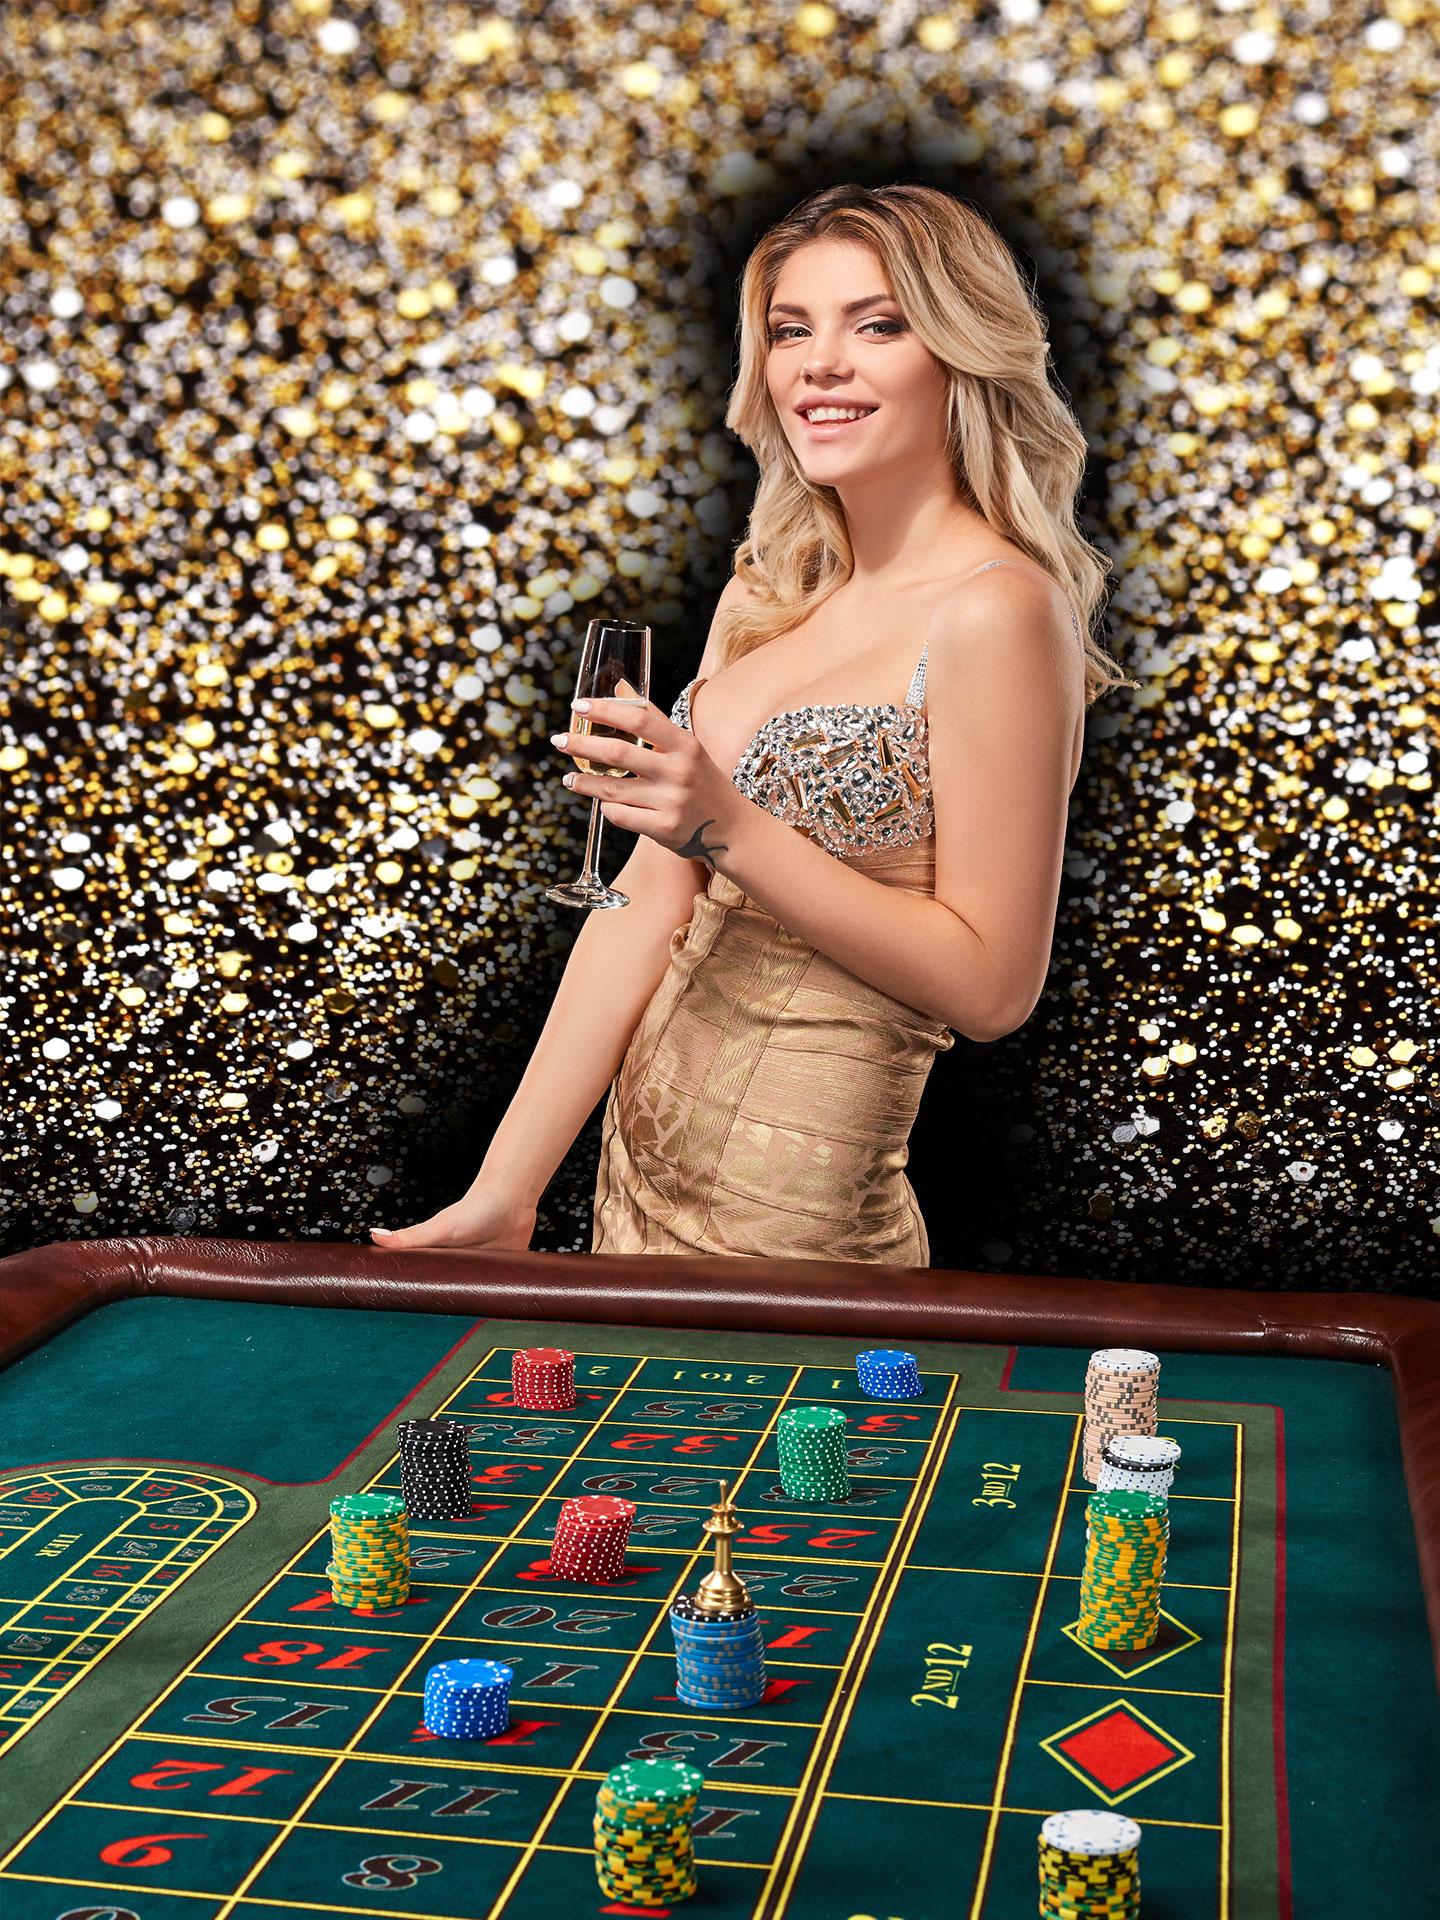 gambling-girl